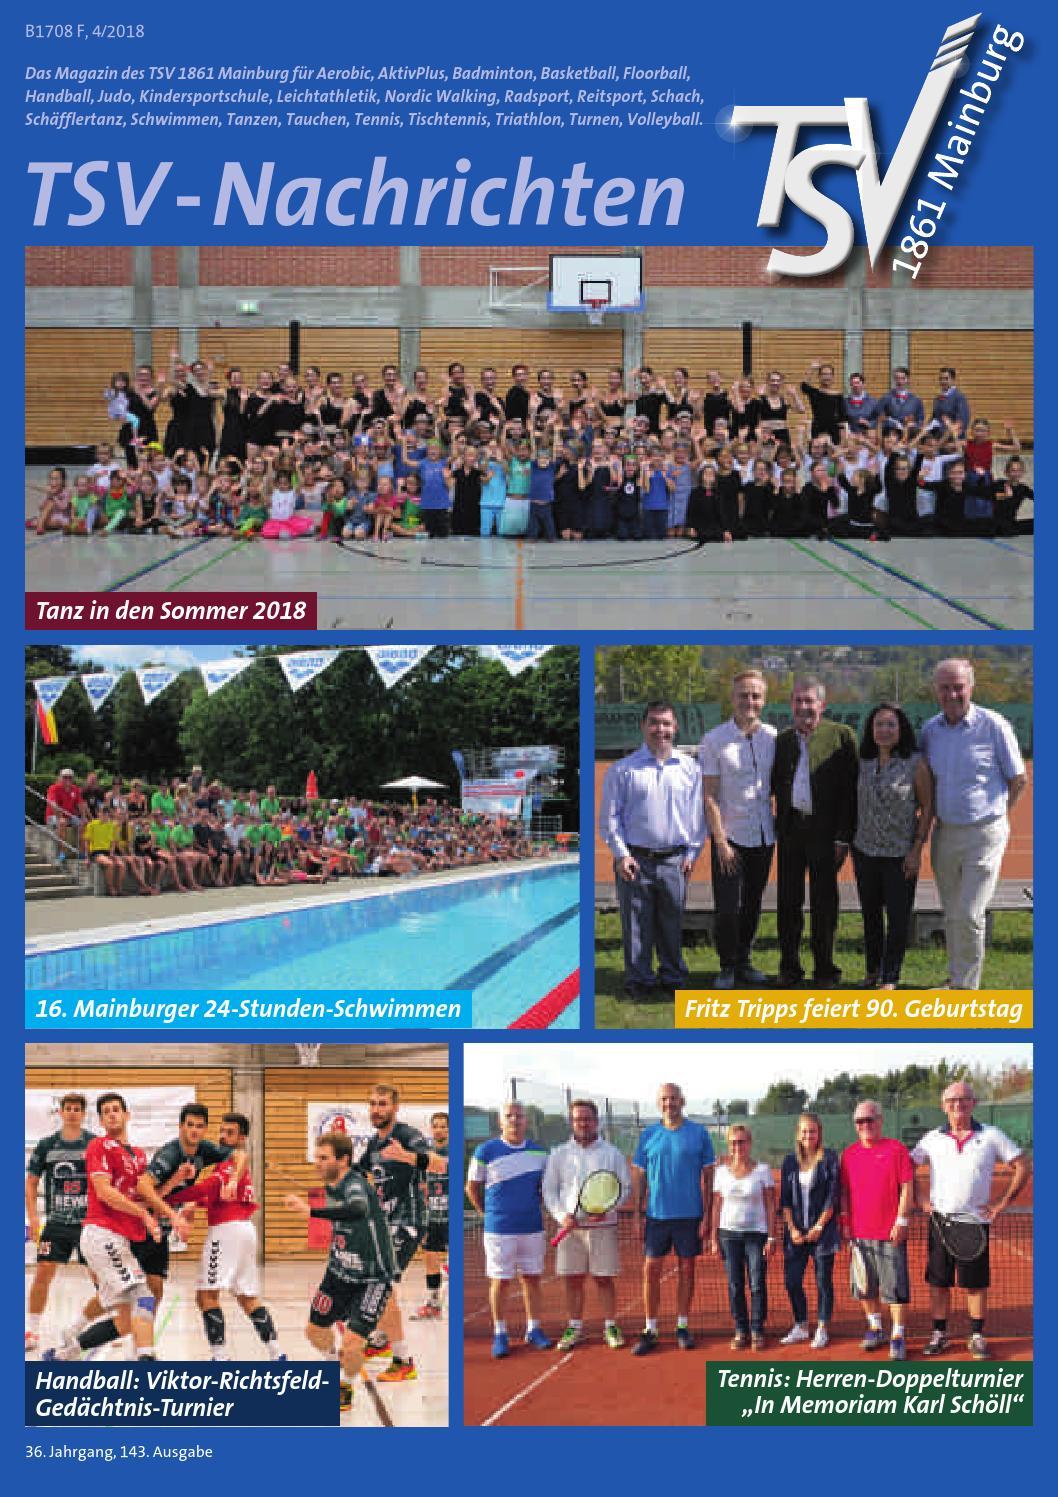 TSV Nachrichten 42018 by tsvmainburg issuu